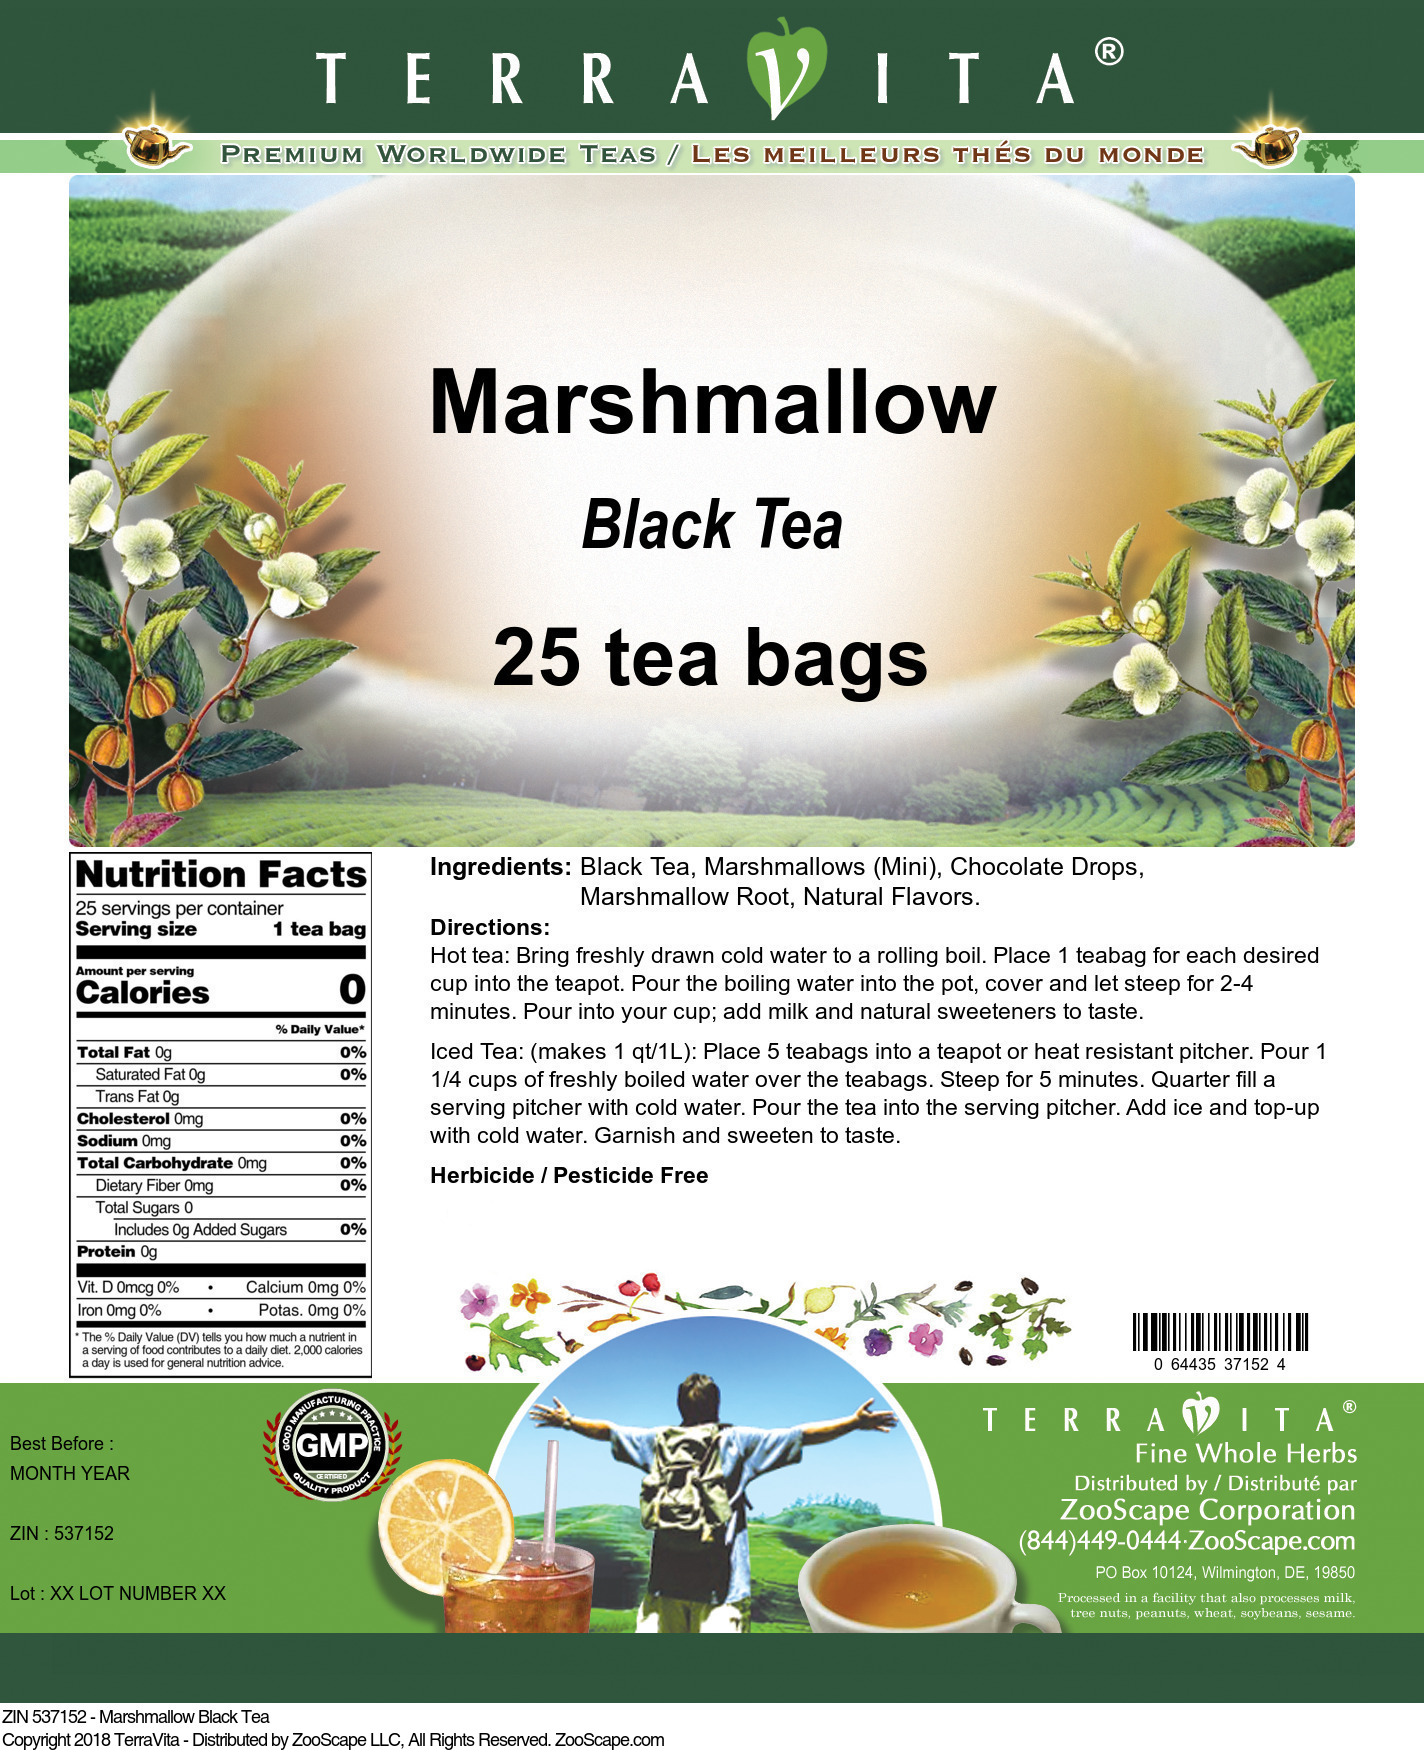 Marshmallow Black Tea